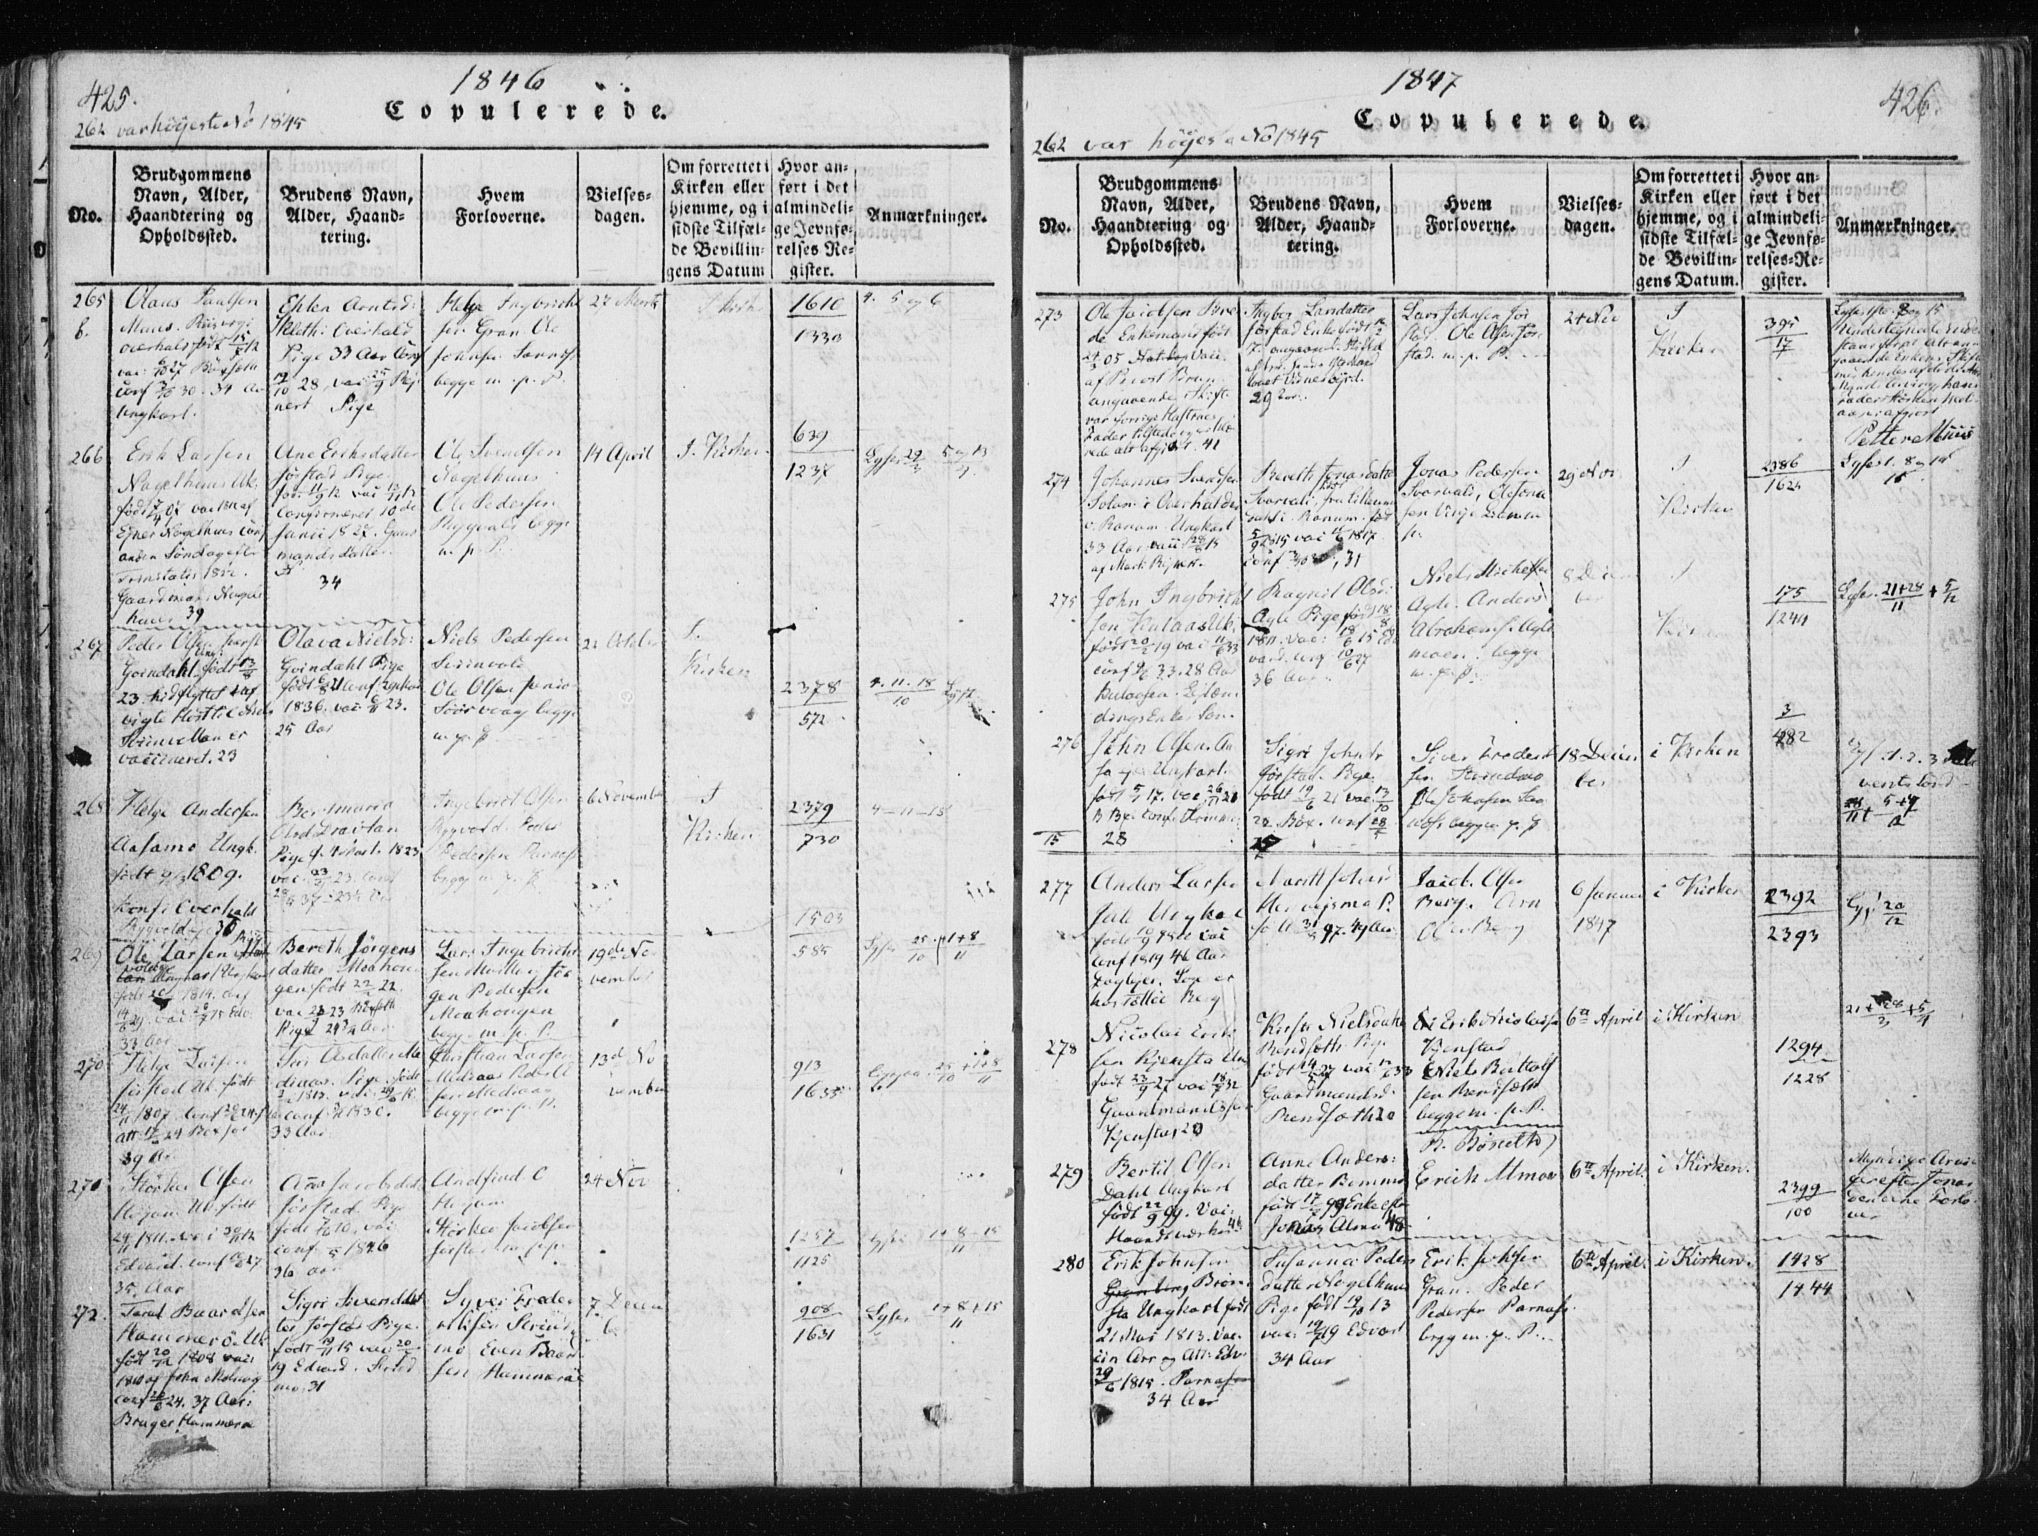 SAT, Ministerialprotokoller, klokkerbøker og fødselsregistre - Nord-Trøndelag, 749/L0469: Ministerialbok nr. 749A03, 1817-1857, s. 425-426